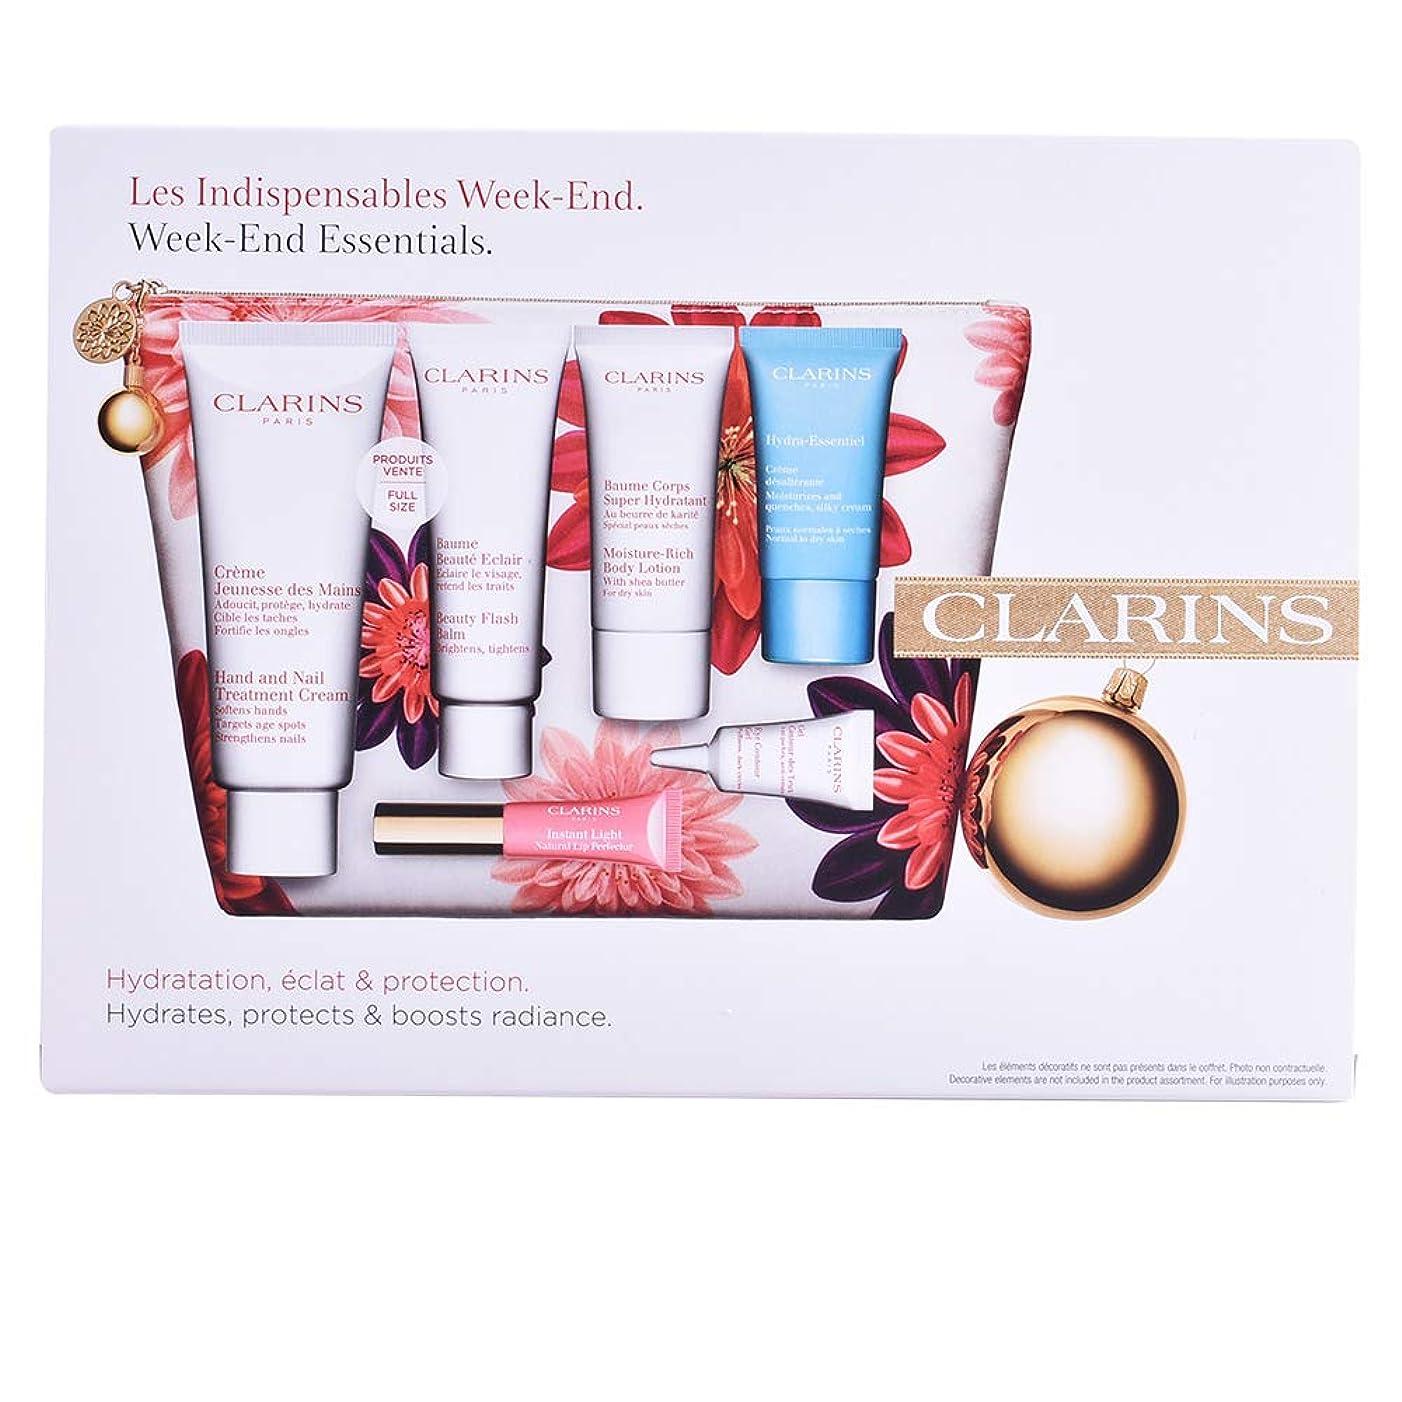 待って終わったテンポクラランス Week-End Essentials: Hand & Nail Cream+Beauty Flash Balm+Moisture-Rich Body+Eye Contour Gel+Hydra-Essentiel Cream+Lip 6pcs+1bag並行輸入品